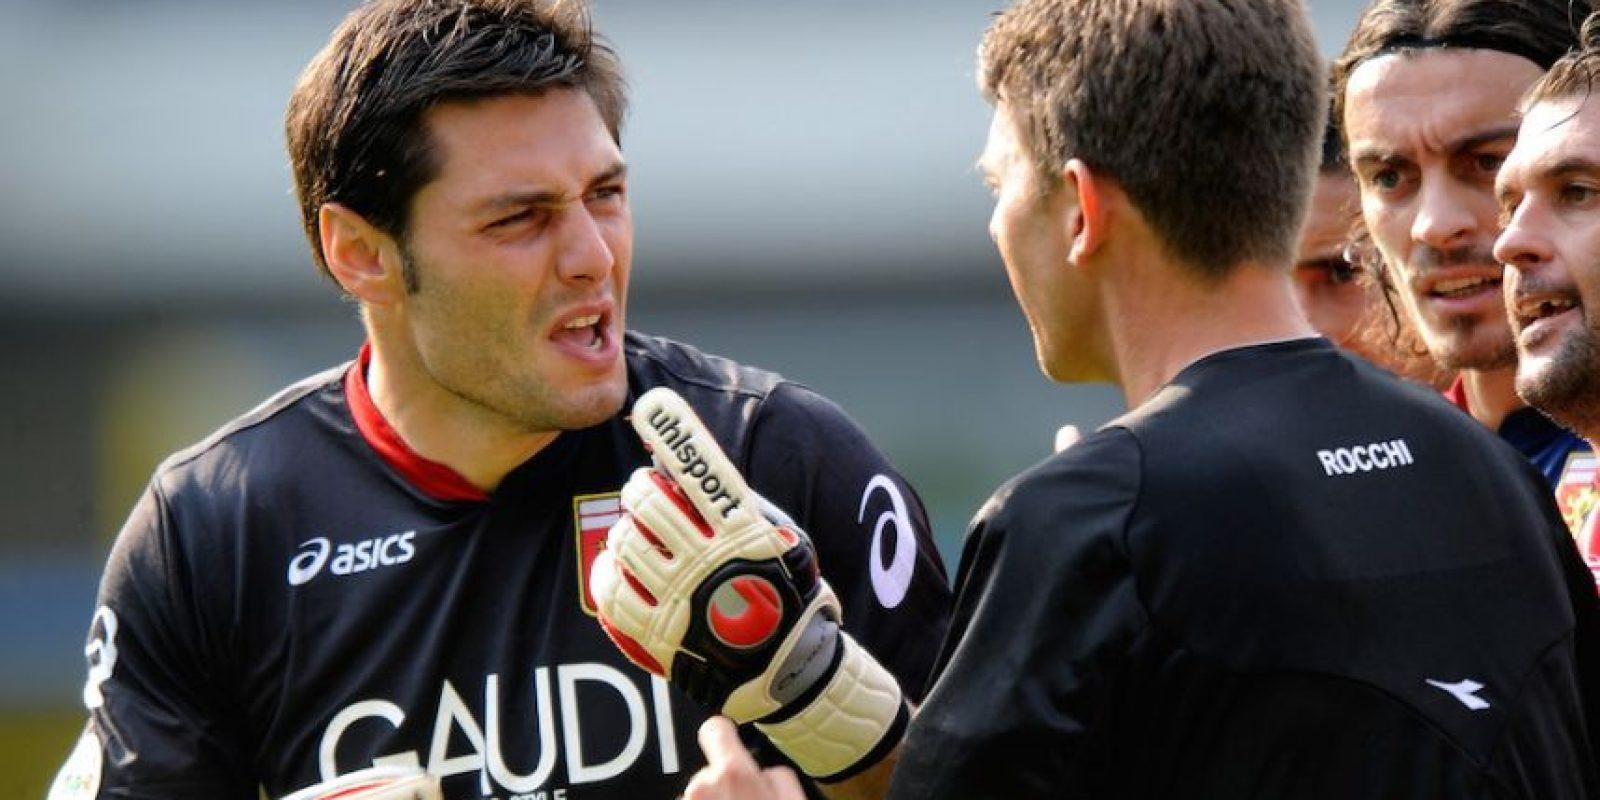 Después pasó por equipos como el Livorno, Lecce, Parma, Palermo, entre otros. Foto:Getty Images